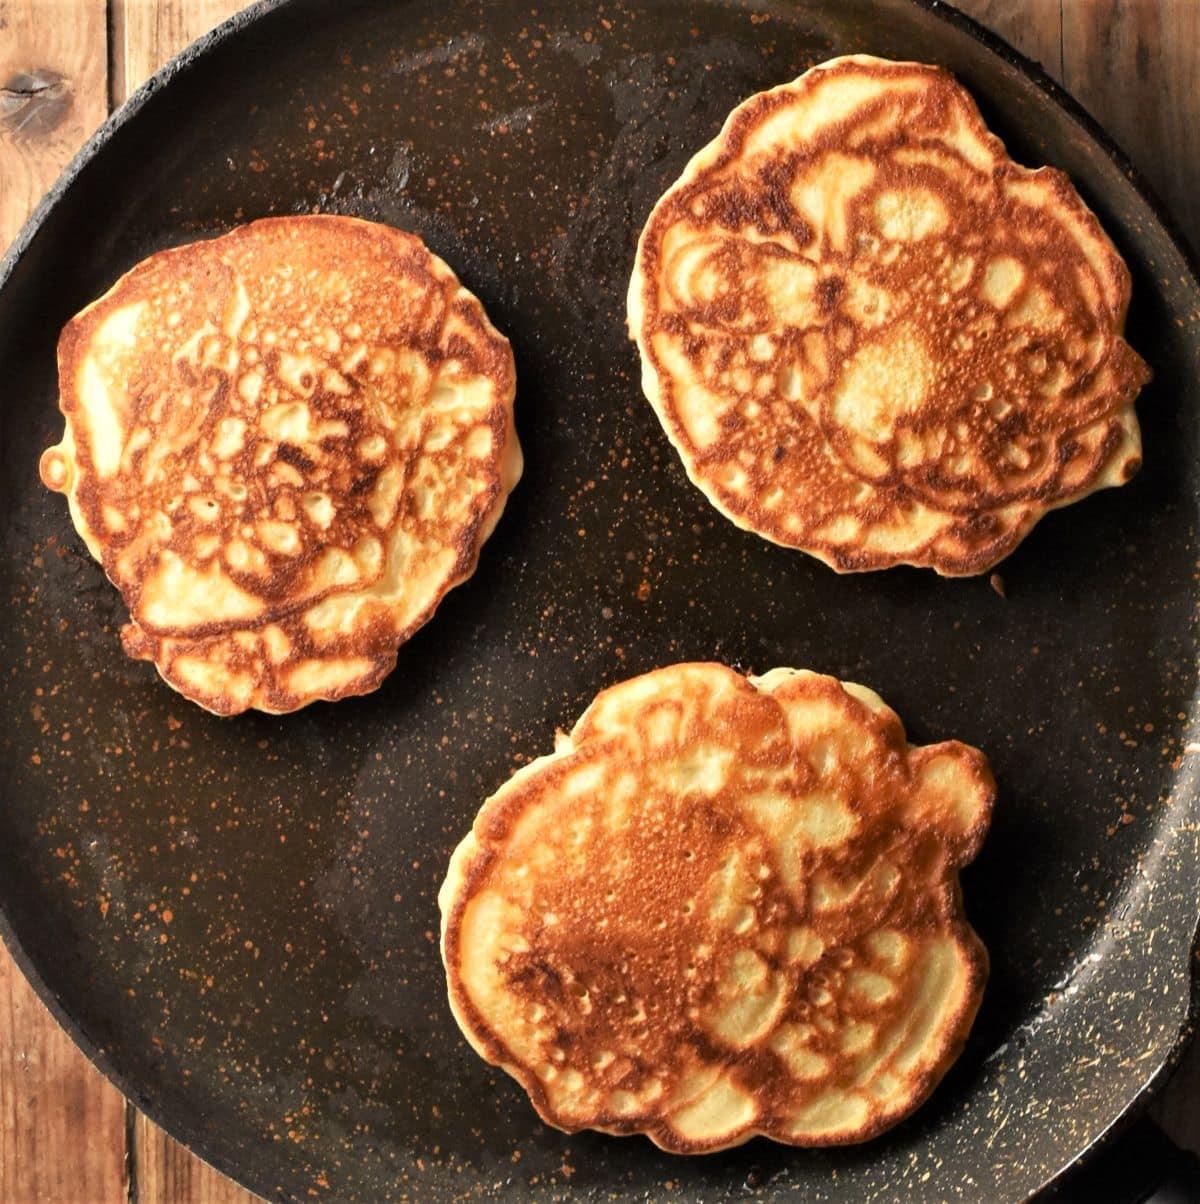 3 pancakes on top of large frying pan.